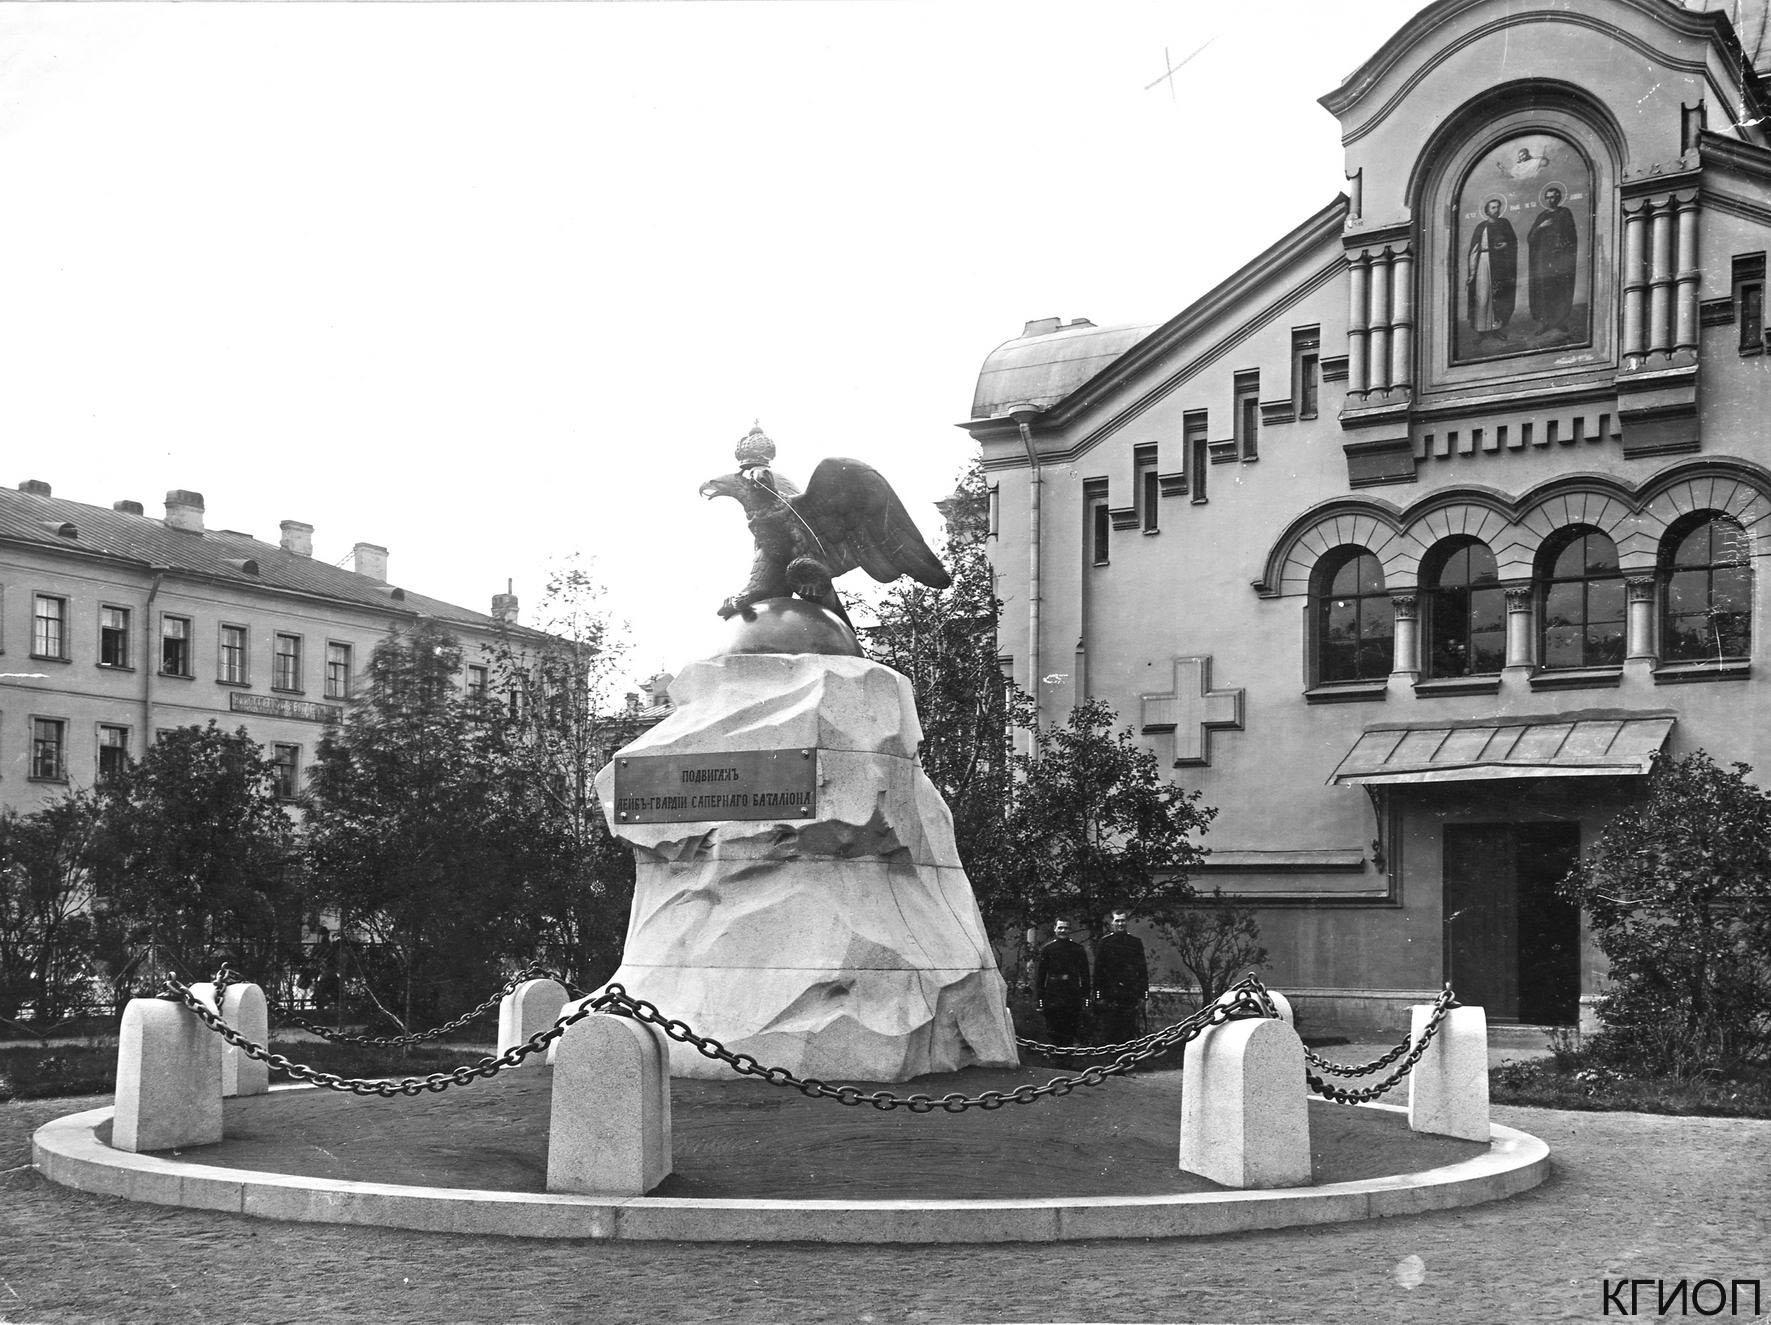 08. Памятник «Подвигам лейб-гвардии Саперного батальона». 1913